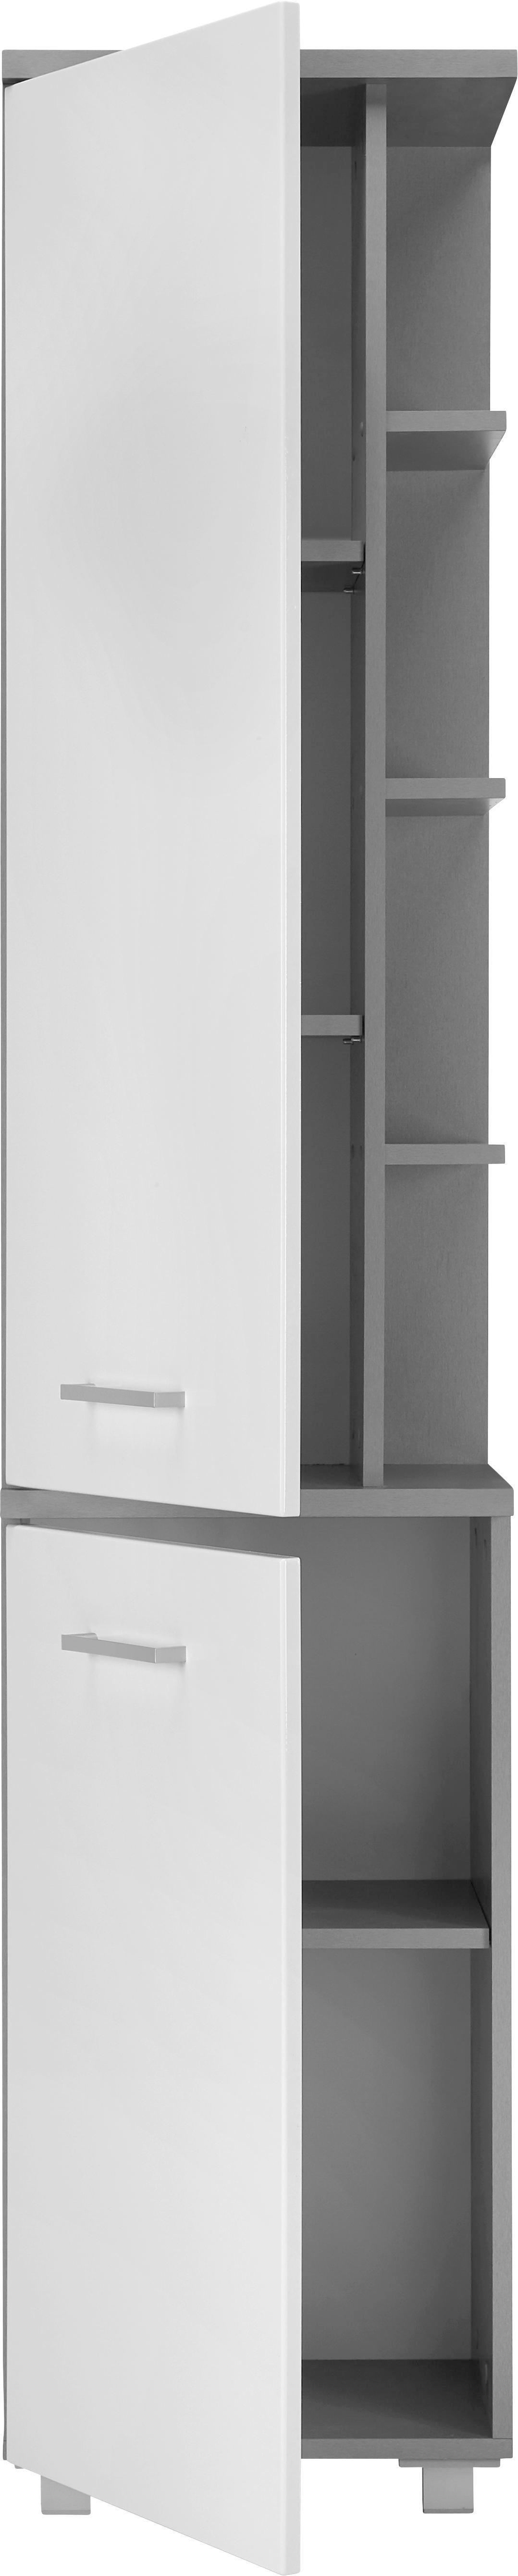 Hochschrank in Grau/Weiß - Silberfarben/Weiß, MODERN, Holzwerkstoff/Kunststoff (40/194/32cm) - MÖMAX modern living